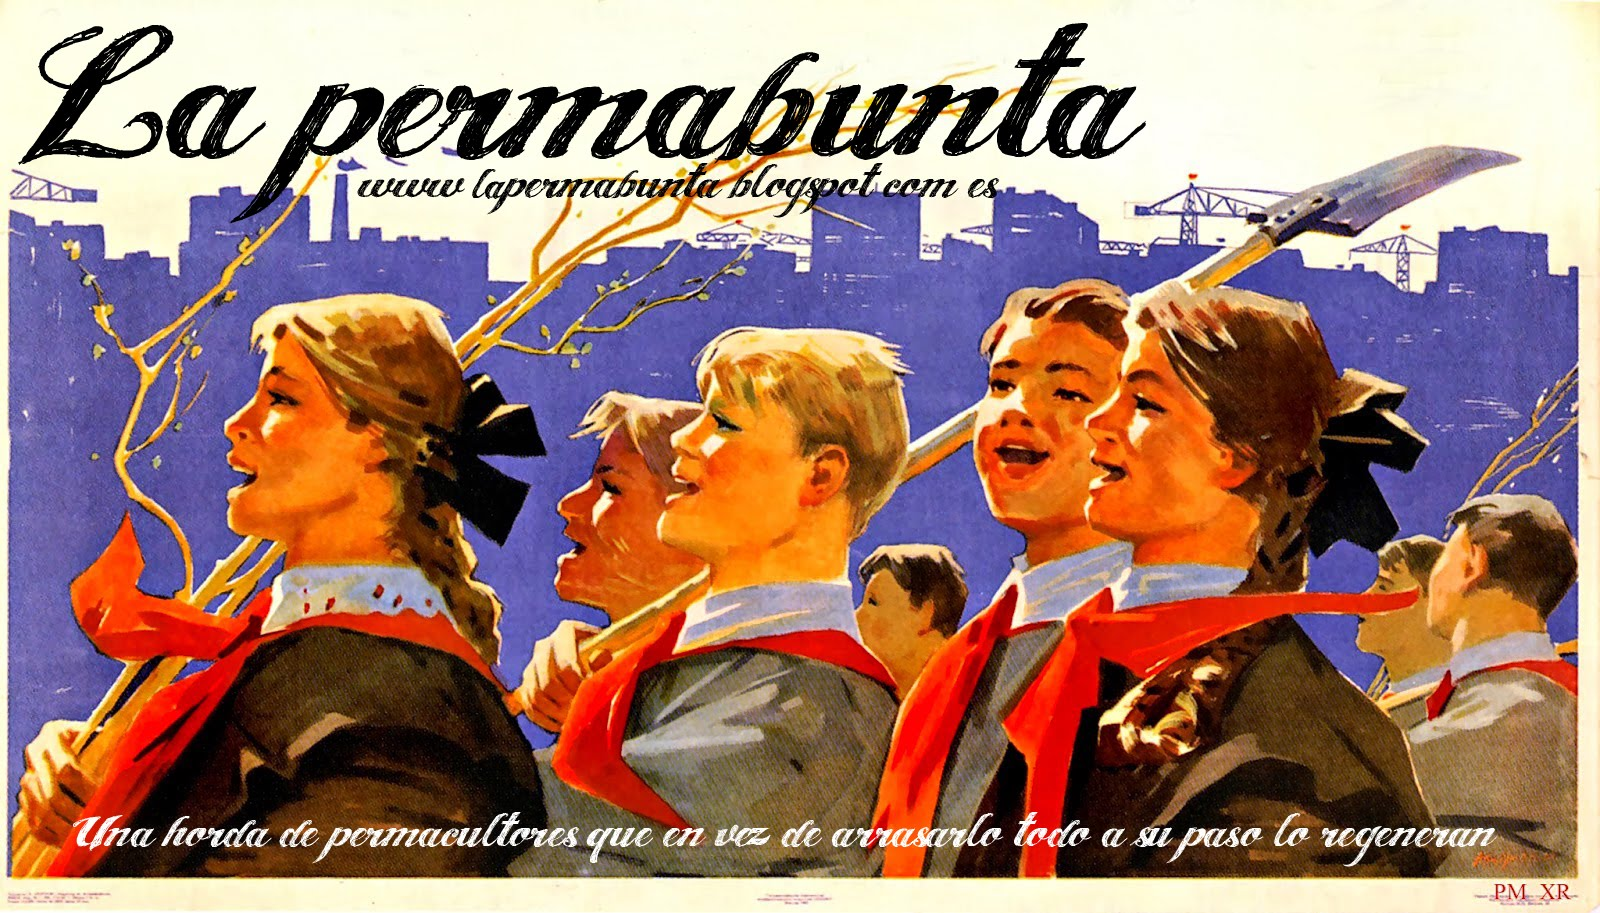 La permabunta